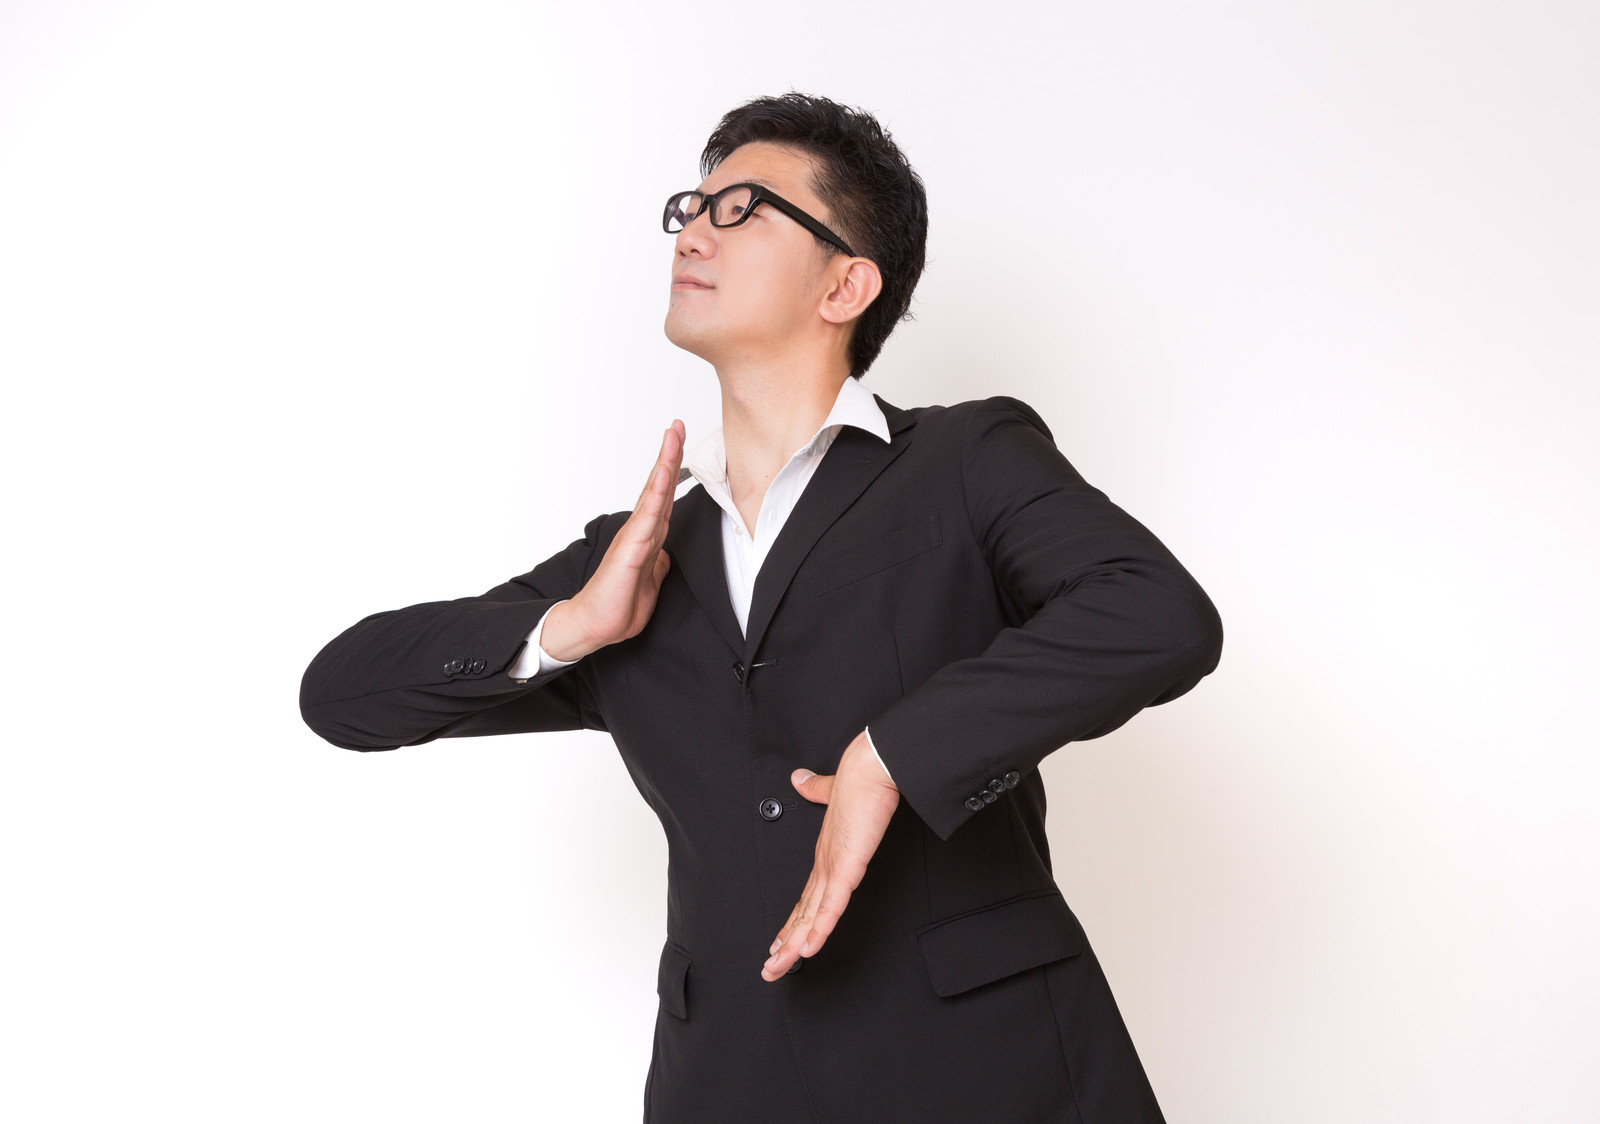 「不思議な踊りをはじめたスーツ姿の眼鏡男子」の写真[モデル:ozpa]